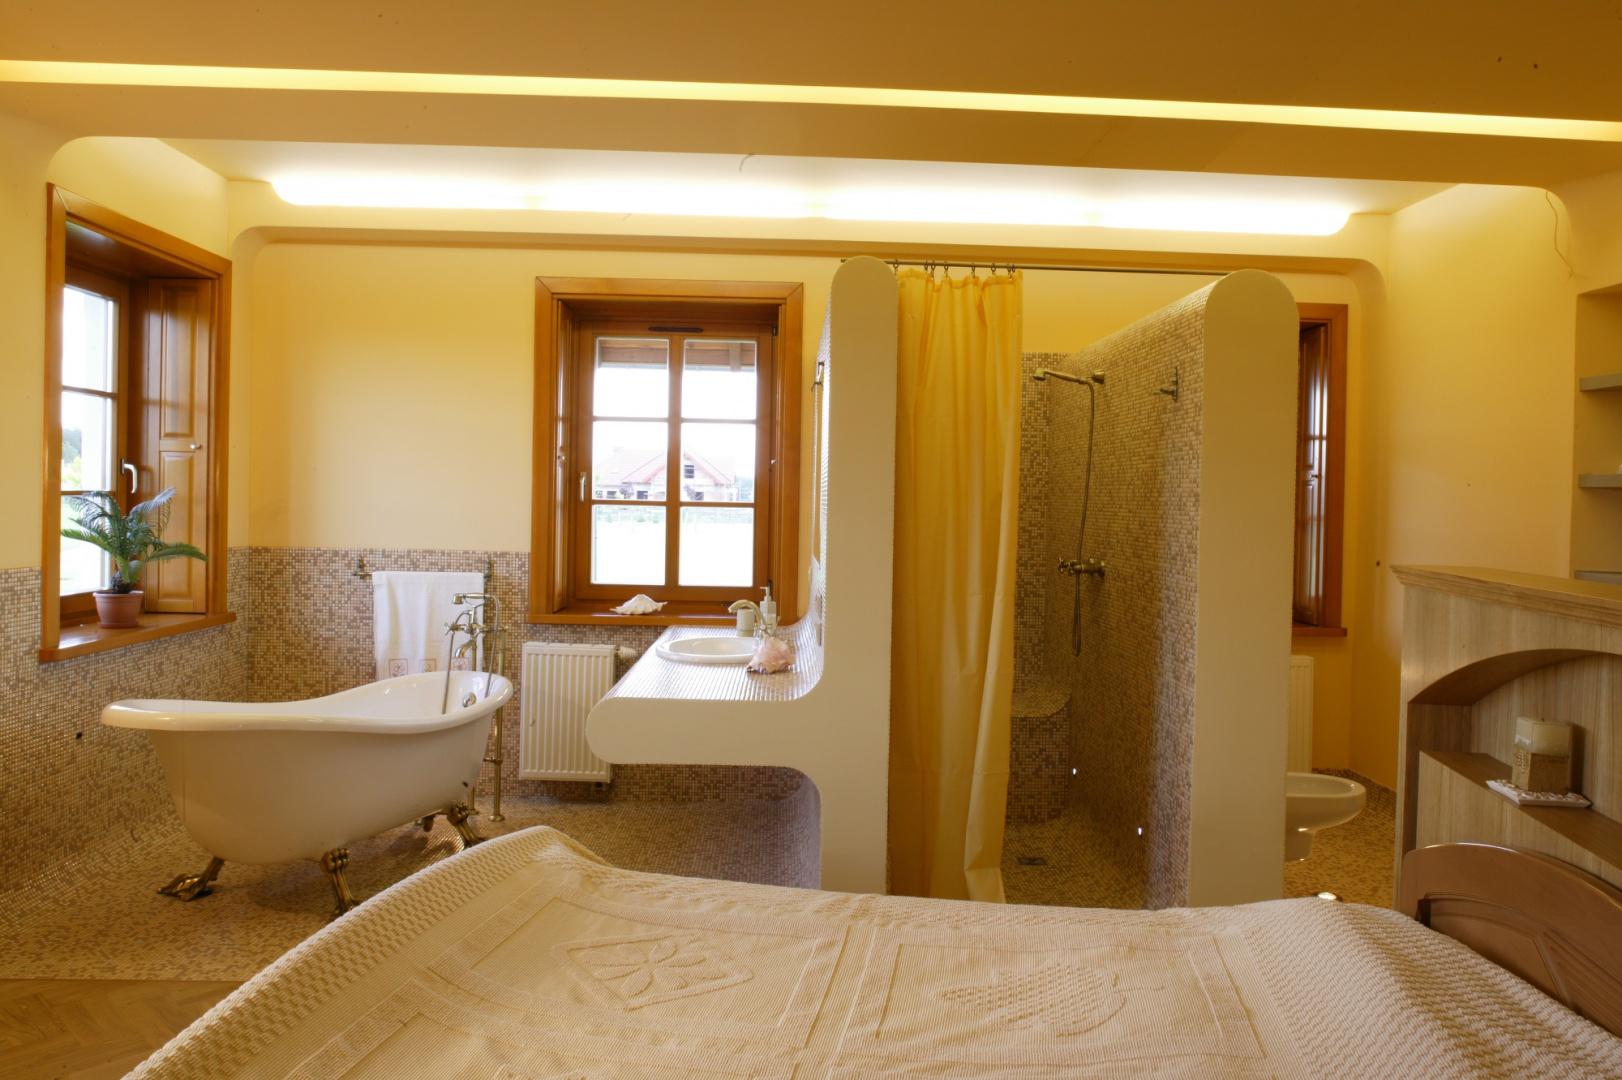 Każda strefa łazienki to osobny zakątek dostępny bezpośrednio z sypialni. Uwagę przyciąga wanna retro, ustawiona na tle stylowych okien w wewnętrznymi okiennicami. Fot. Monika Filipiuk.